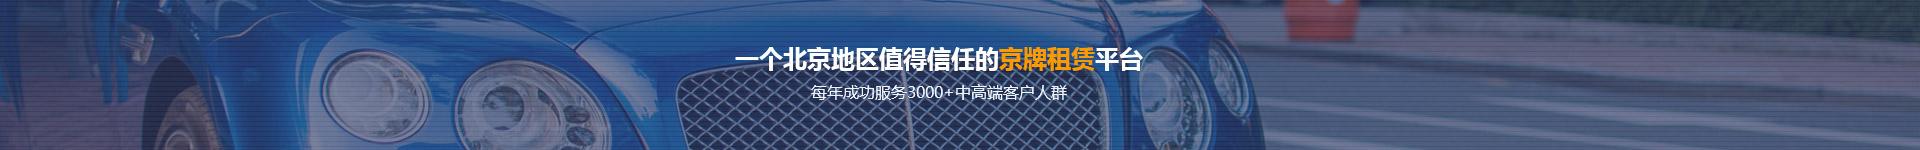 北京车牌号多少钱_在北京租车牌需要注意什么嘛?_嗨有车